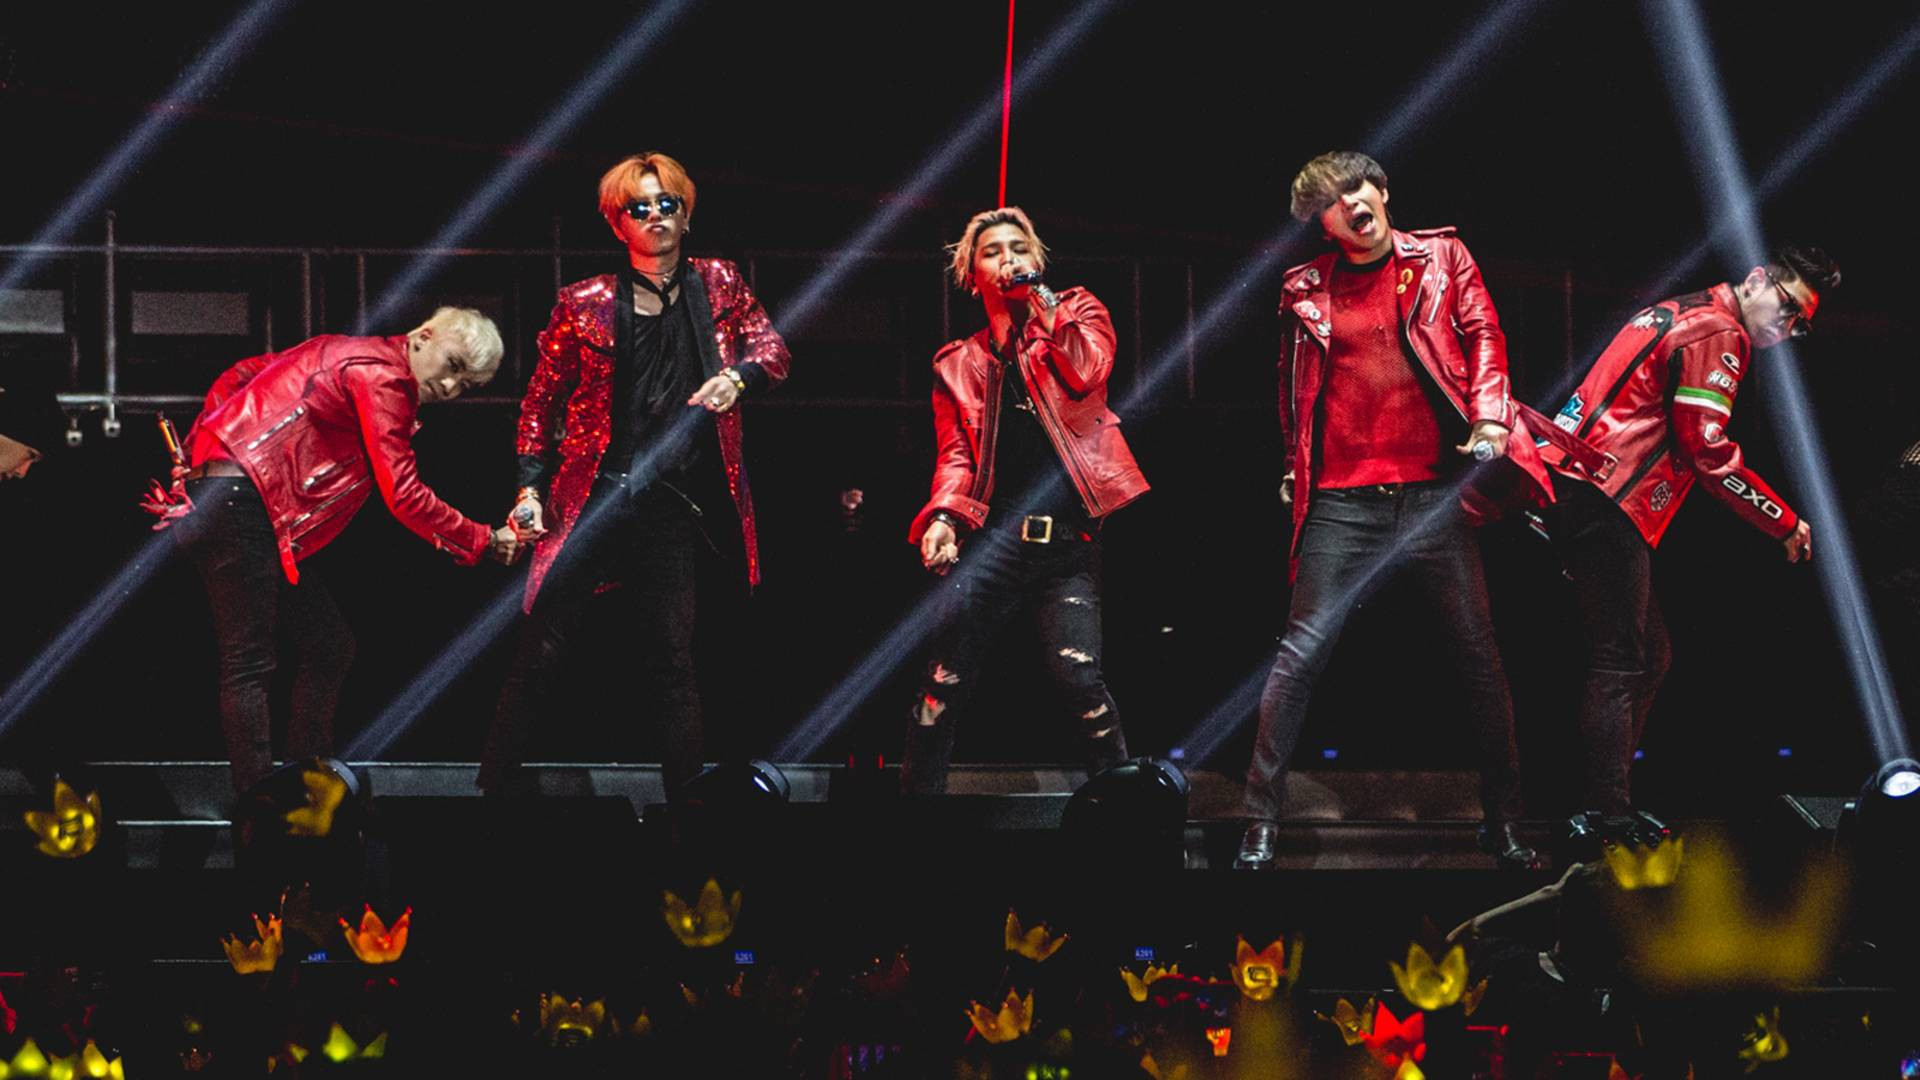 Hình ảnh Big Bang 5 người trên sân khấu: Những khoảnh khắc đẹp nhất giờ nhìn lại mắt cứ cay cay